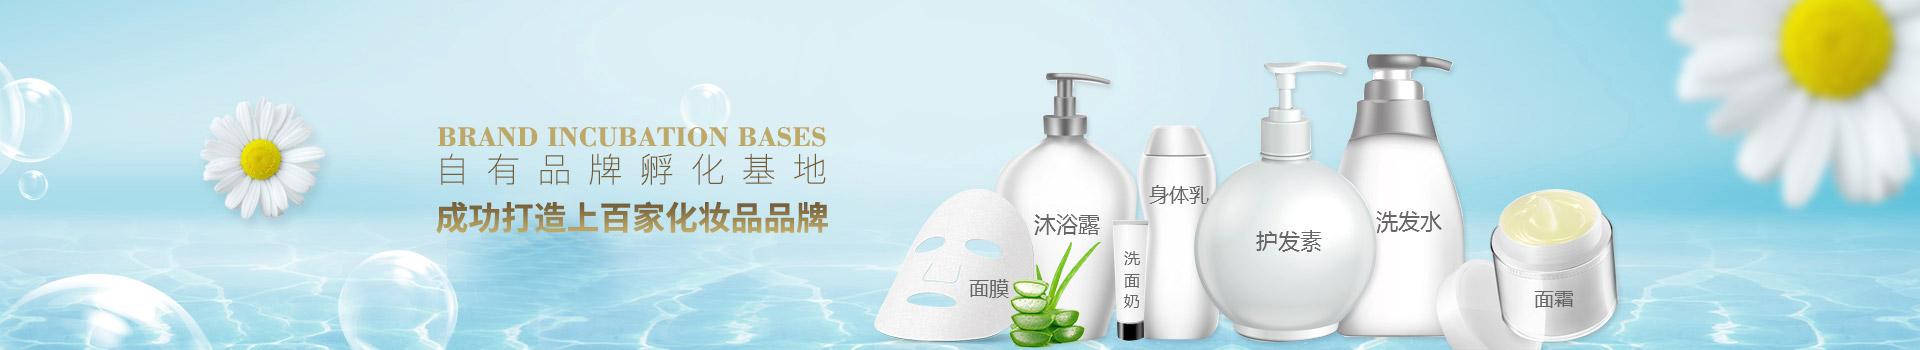 采乐-自有品牌孵化基地,成功打造上百家化妆品品牌